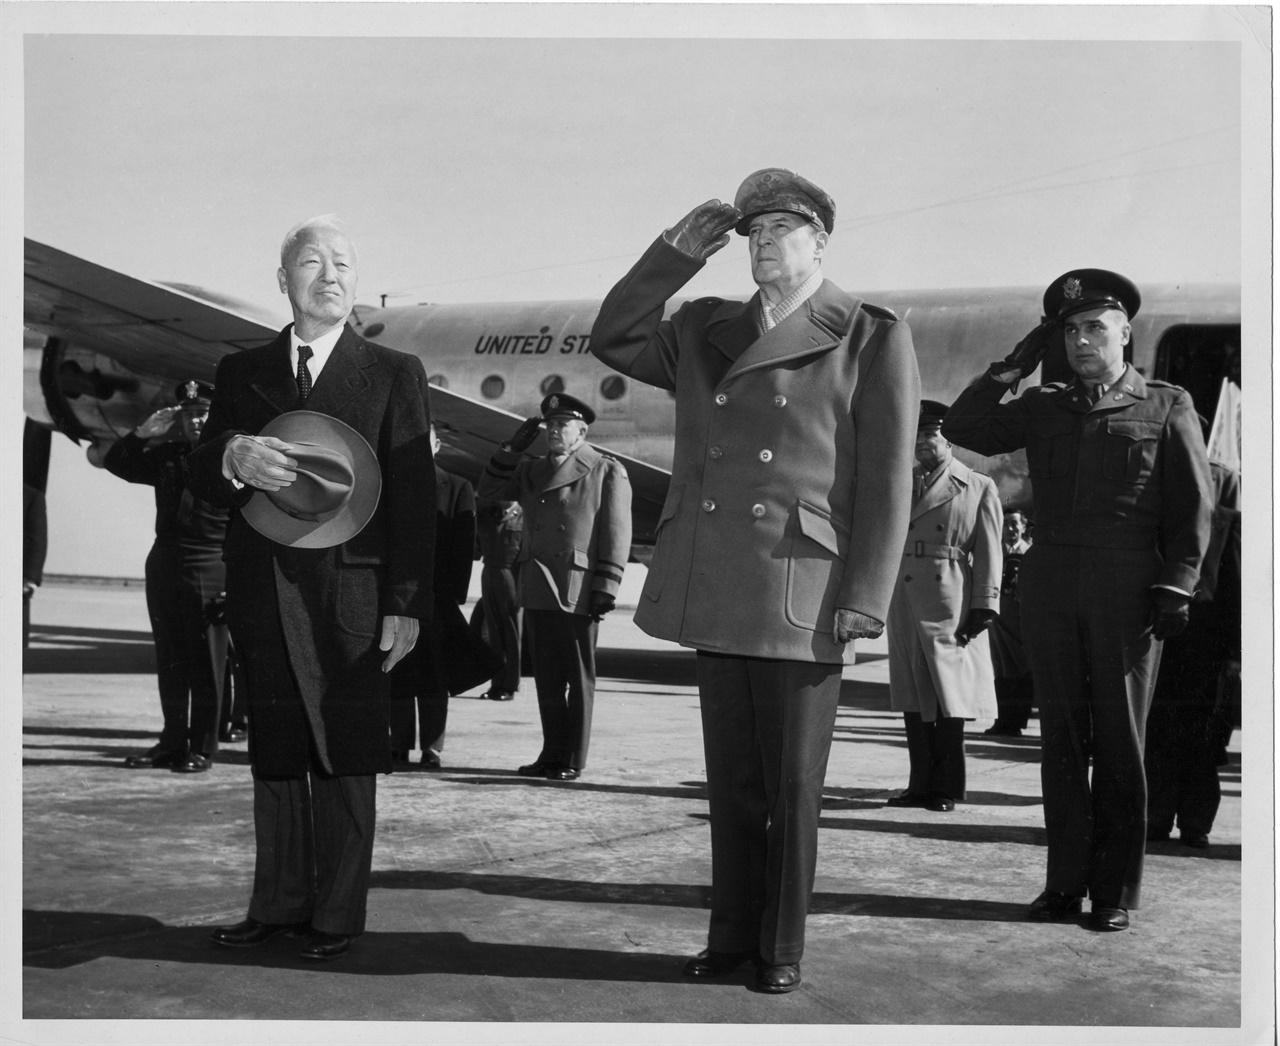 도쿄 하네다 공항 출발에 앞서 양국 국기에 경례하는 이승만 대통령과 맥아더 장군(950. 2. 18.).